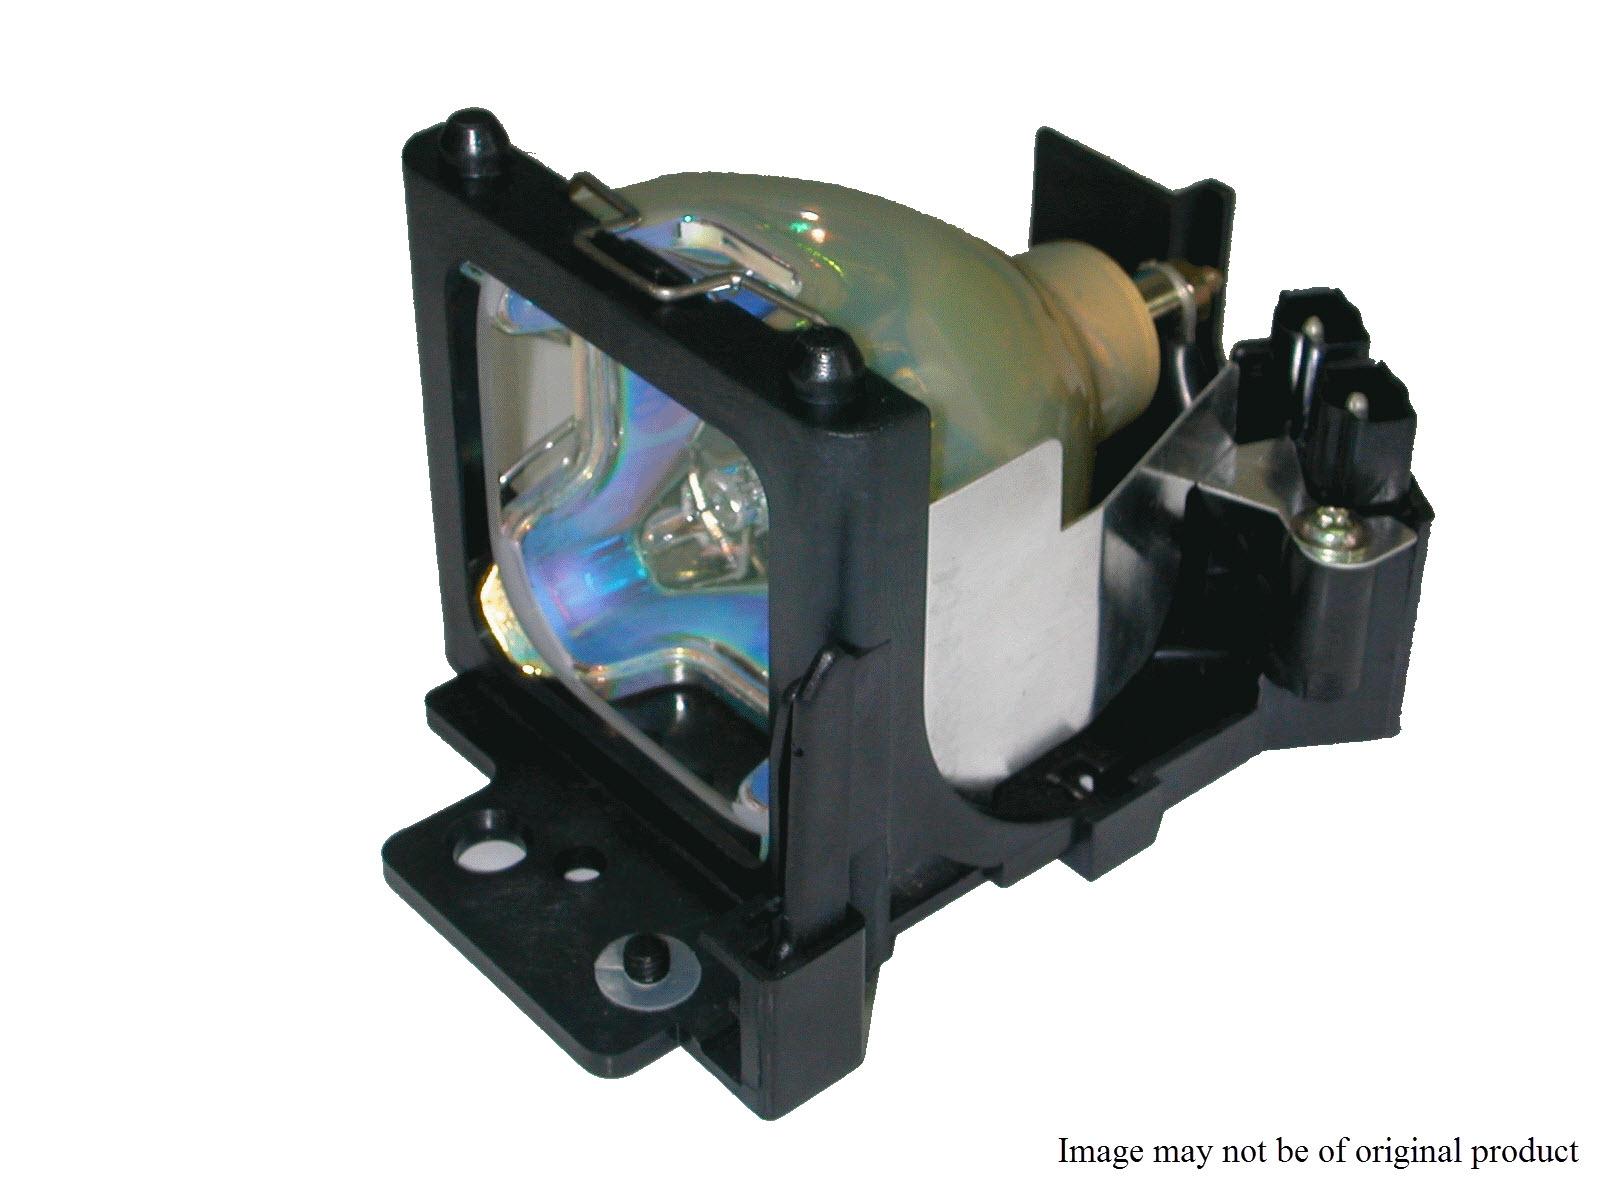 V7 VPL2551-1E 330W projection lamp